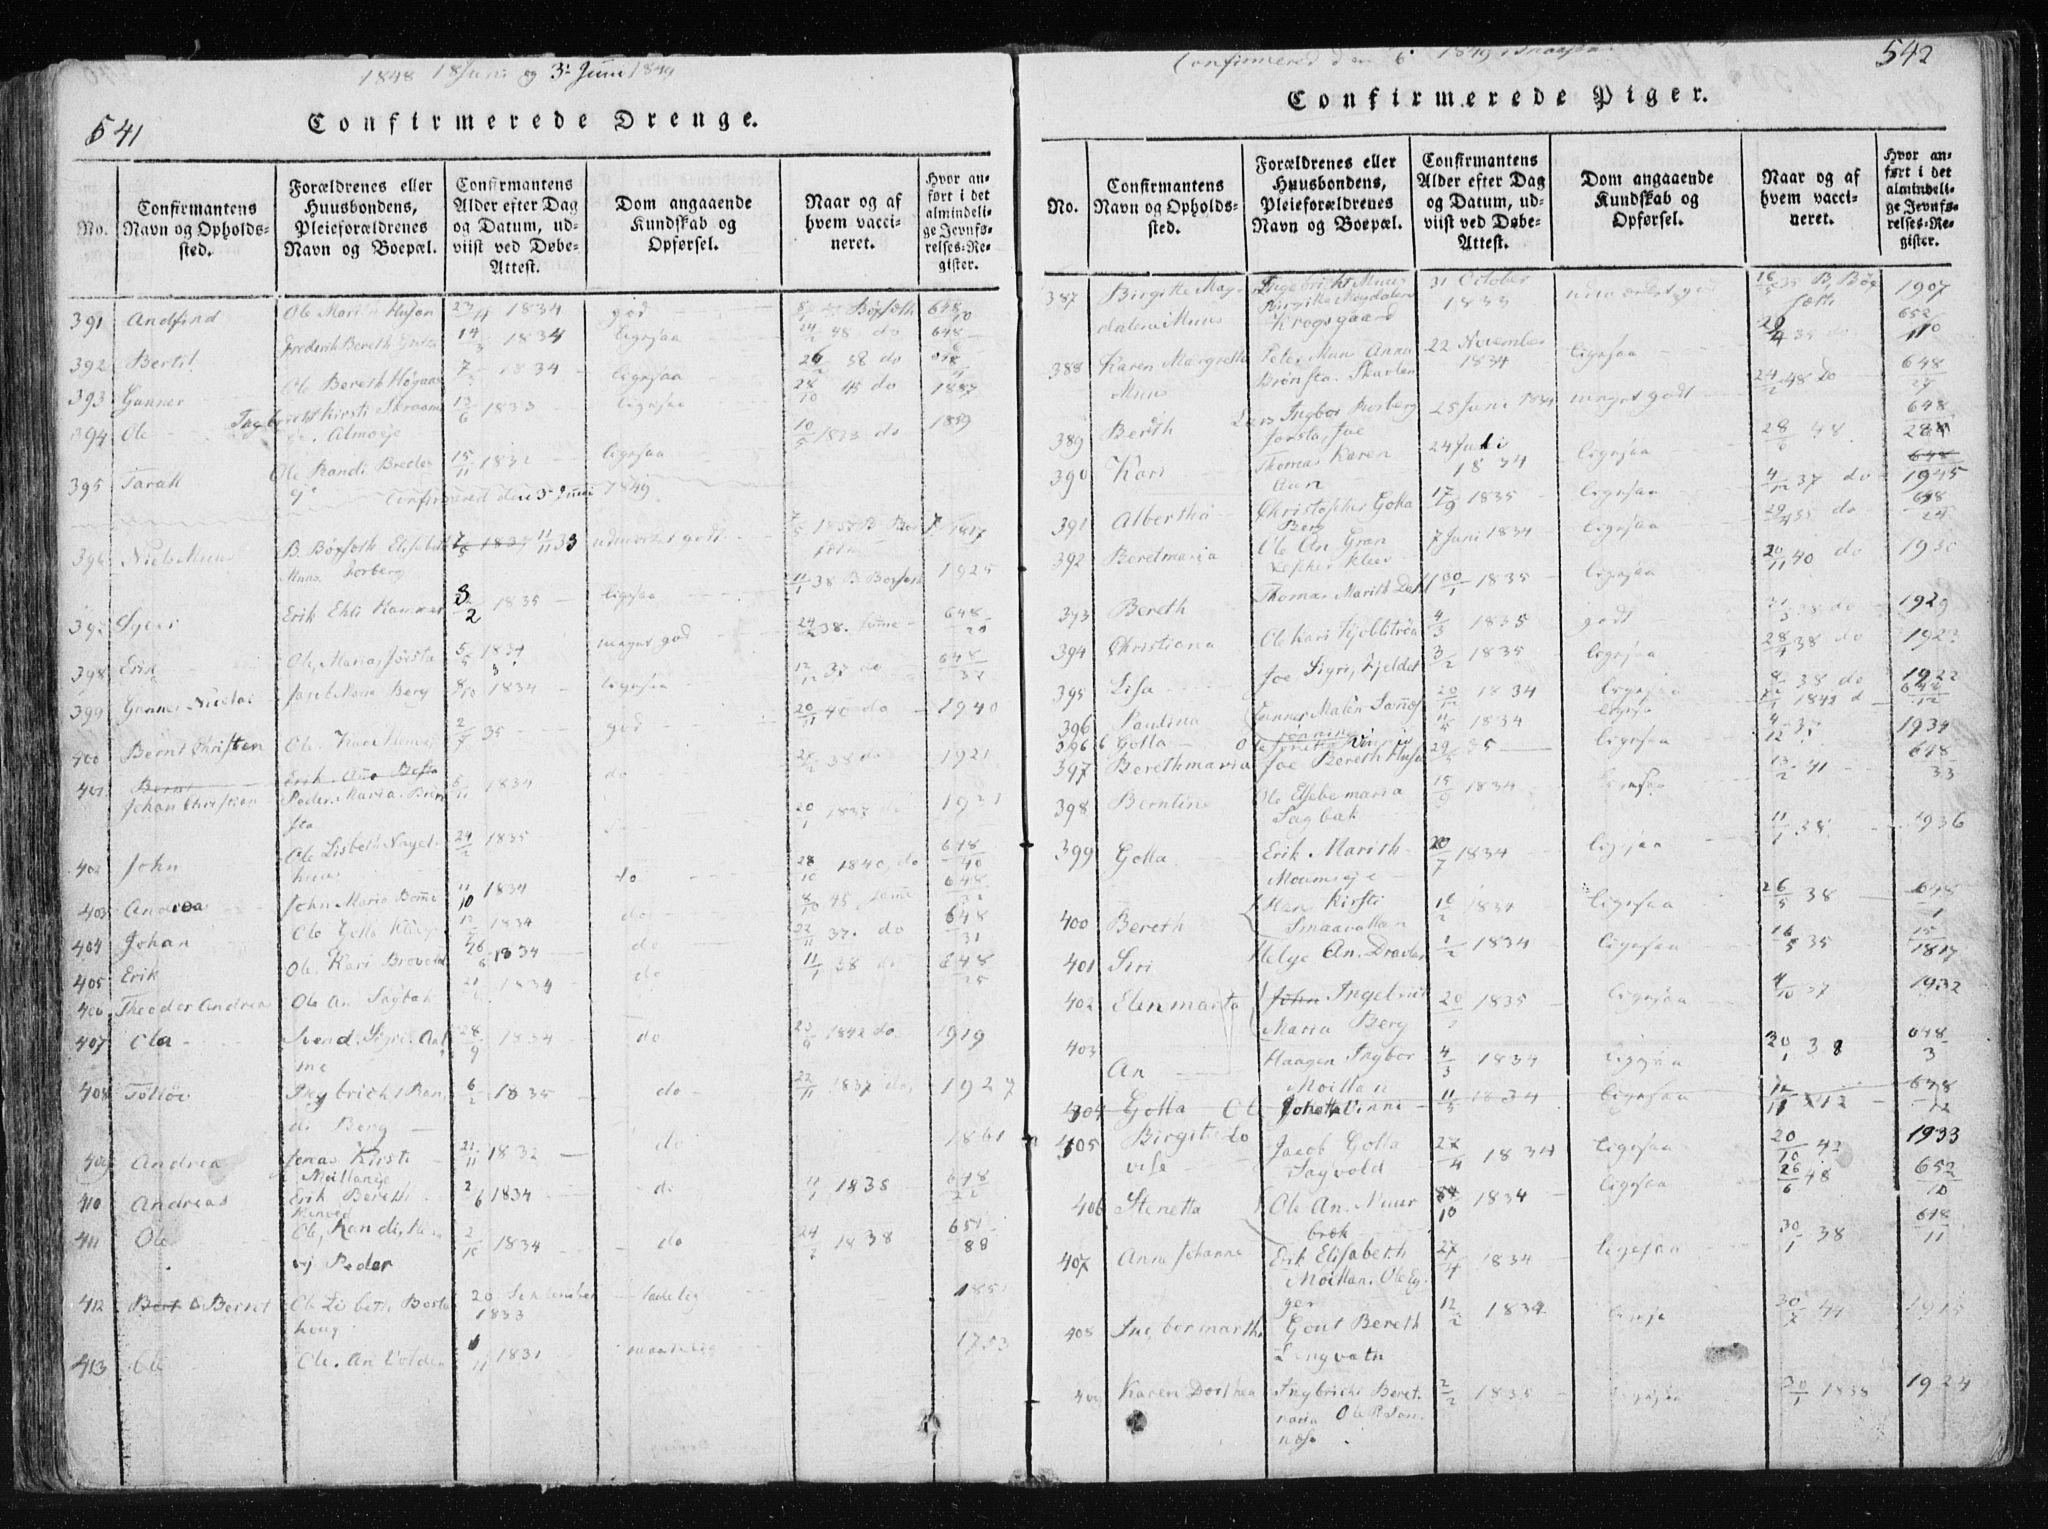 SAT, Ministerialprotokoller, klokkerbøker og fødselsregistre - Nord-Trøndelag, 749/L0469: Ministerialbok nr. 749A03, 1817-1857, s. 541-542